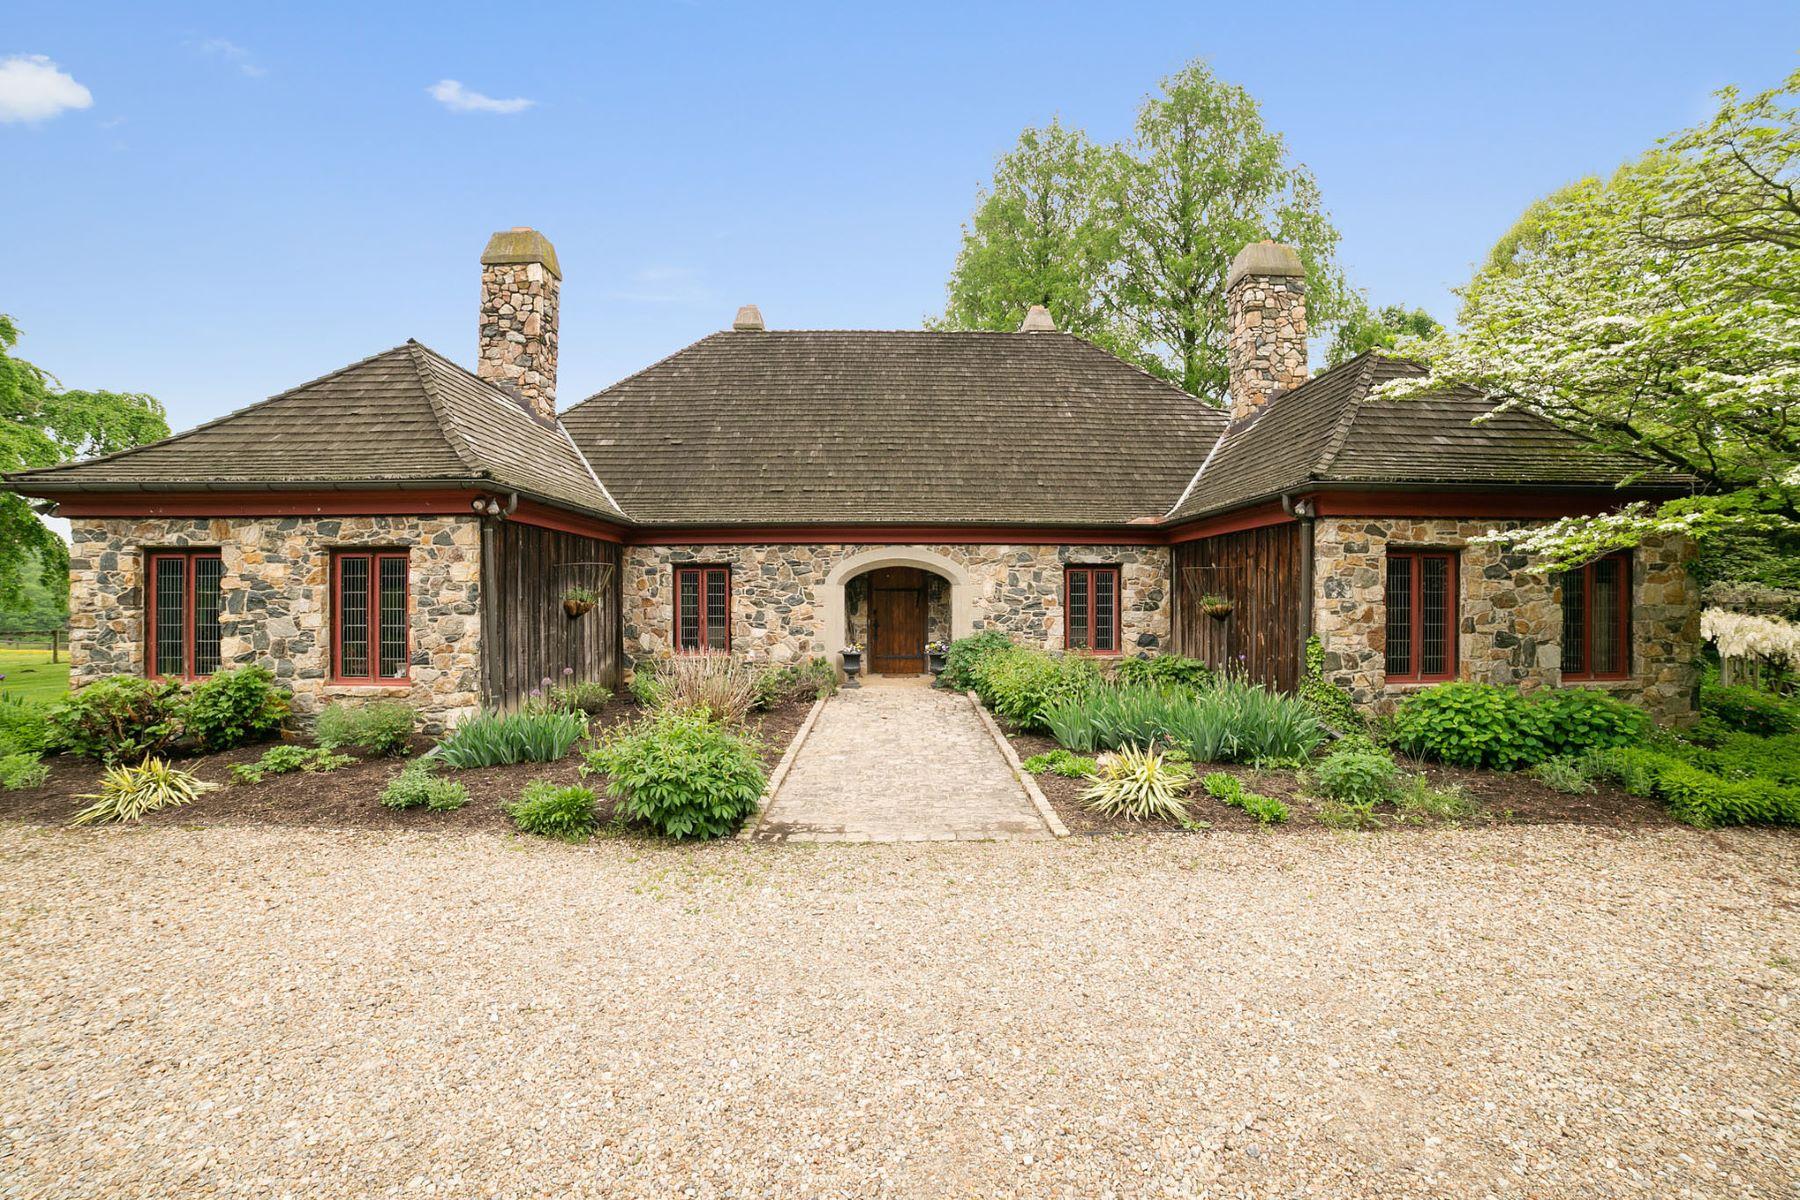 Частный односемейный дом для того Продажа на 1543 Embreeville Rd., Unionville, PA 19375 Unionville, Пенсильвания 19375 Соединенные Штаты